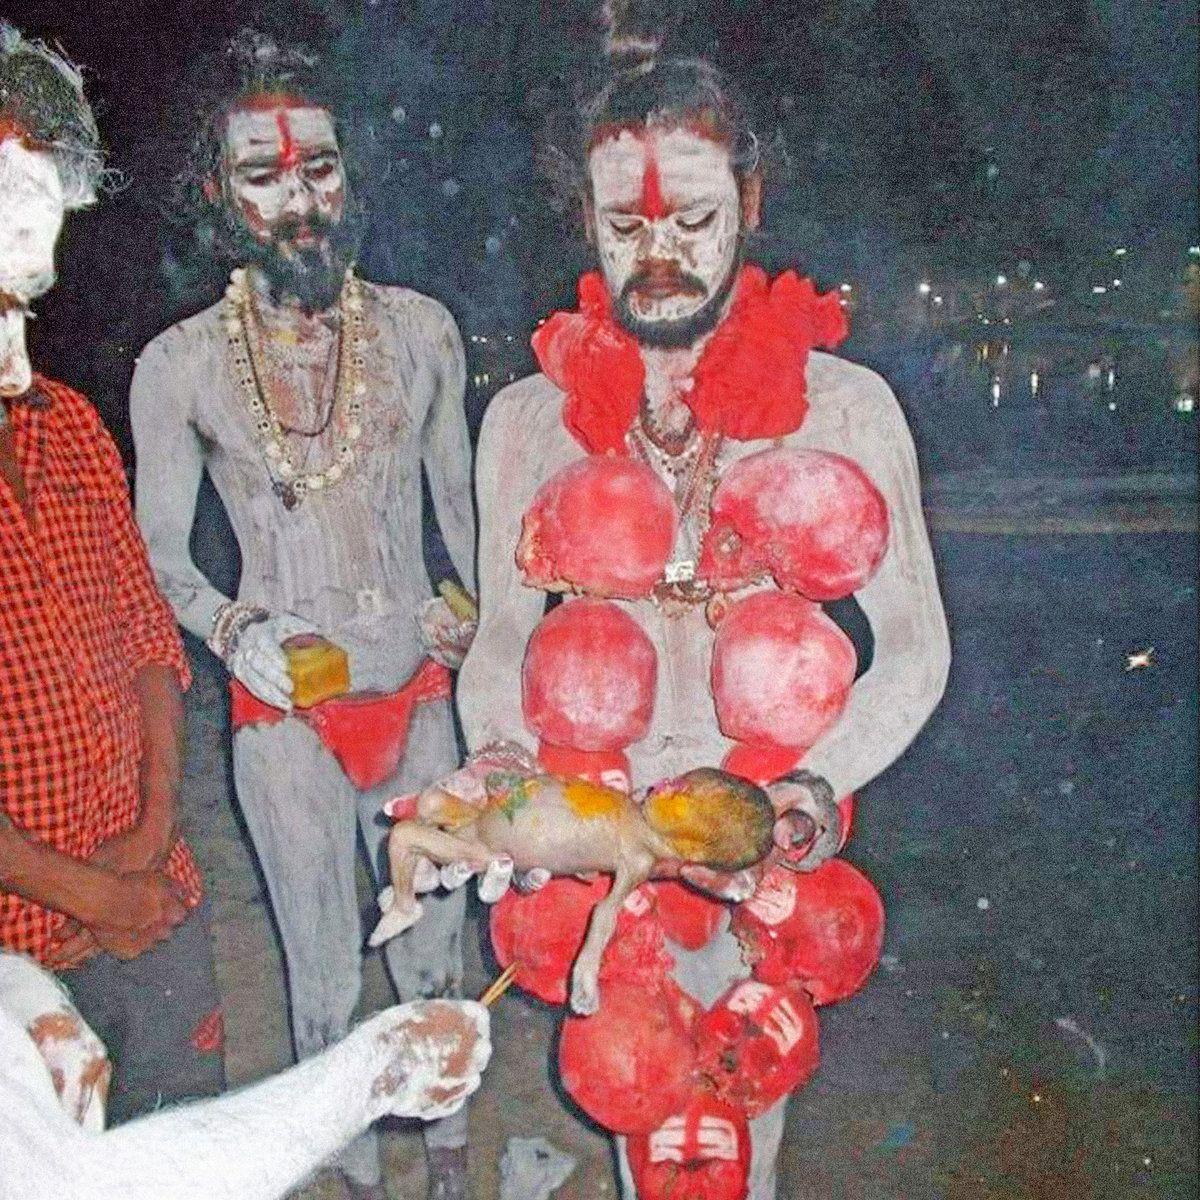 Reviews for Nirriti - অসূর্যস্পর্শা (Asuryasparsha)